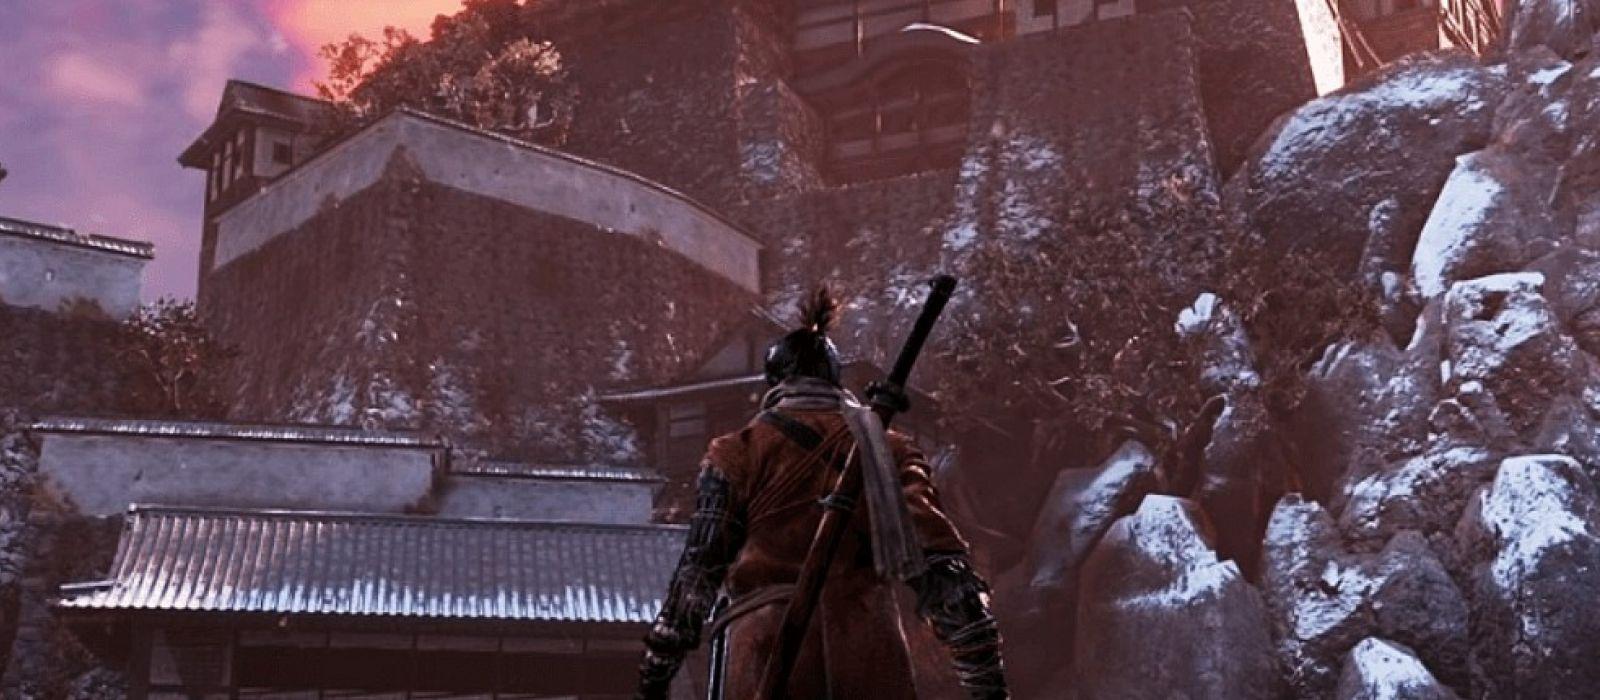 Фрагменты маски в Sekiro:Shadows Die Twice - Как увеличить силу атаки?